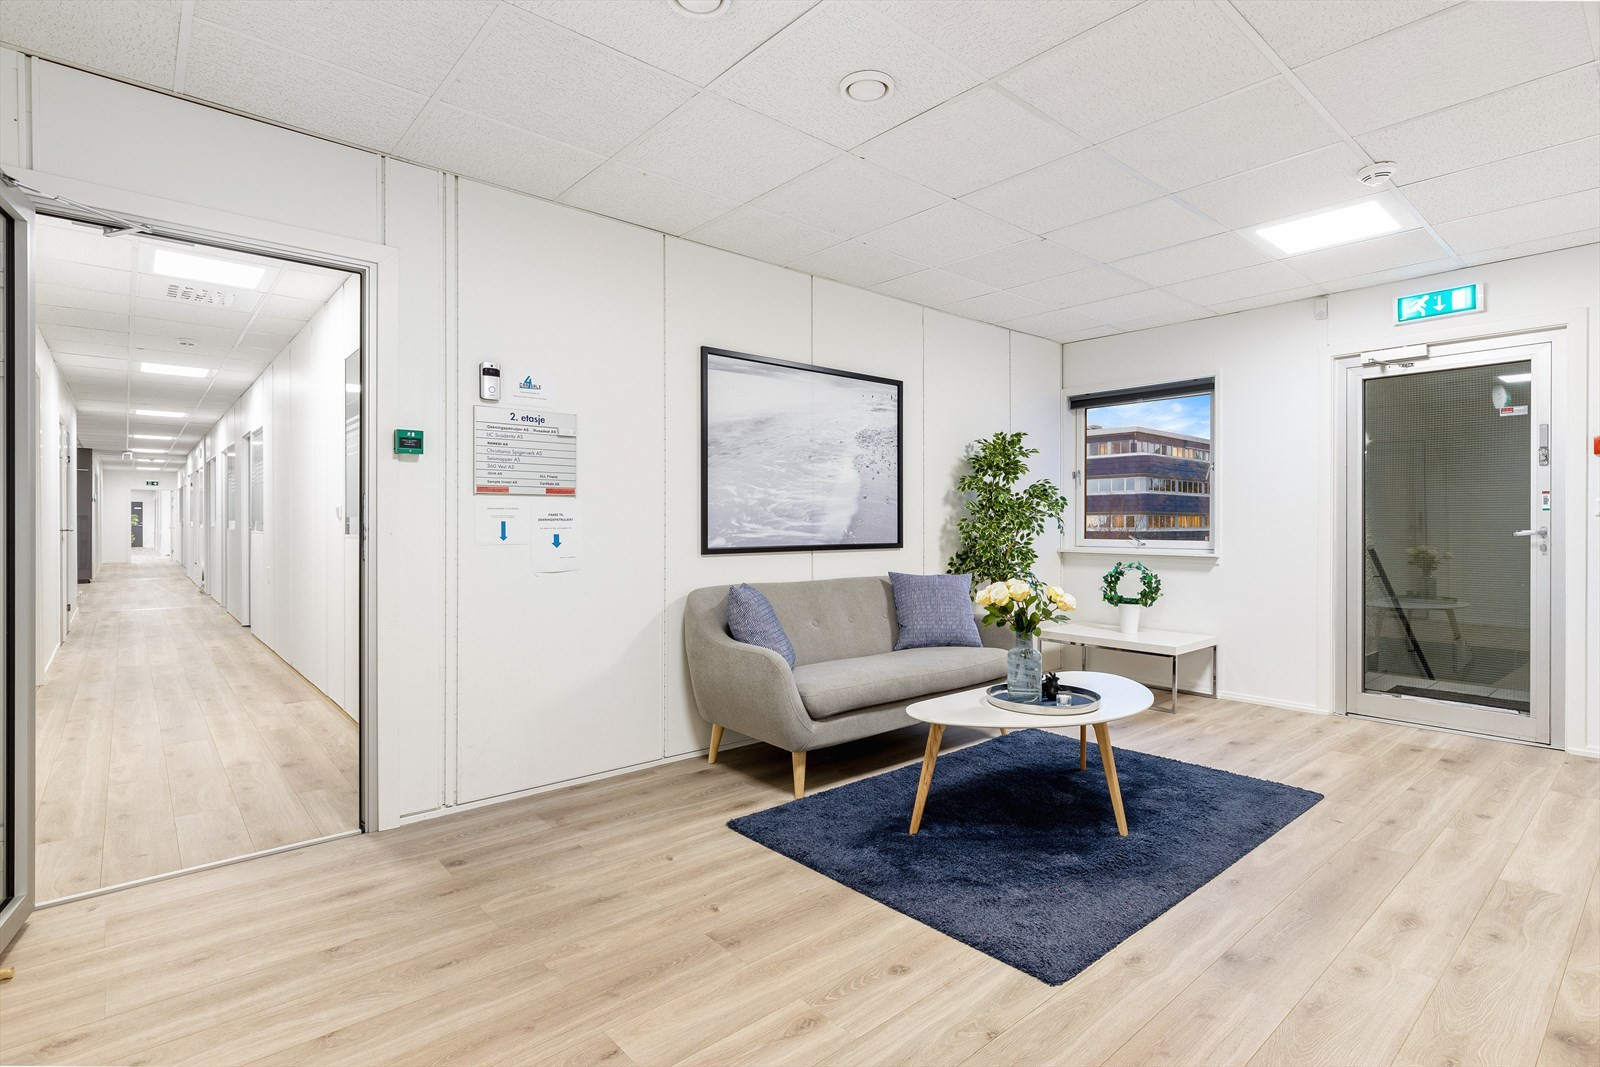 Bilder av tilsvarende lokaler i byggets første og andre etasje.